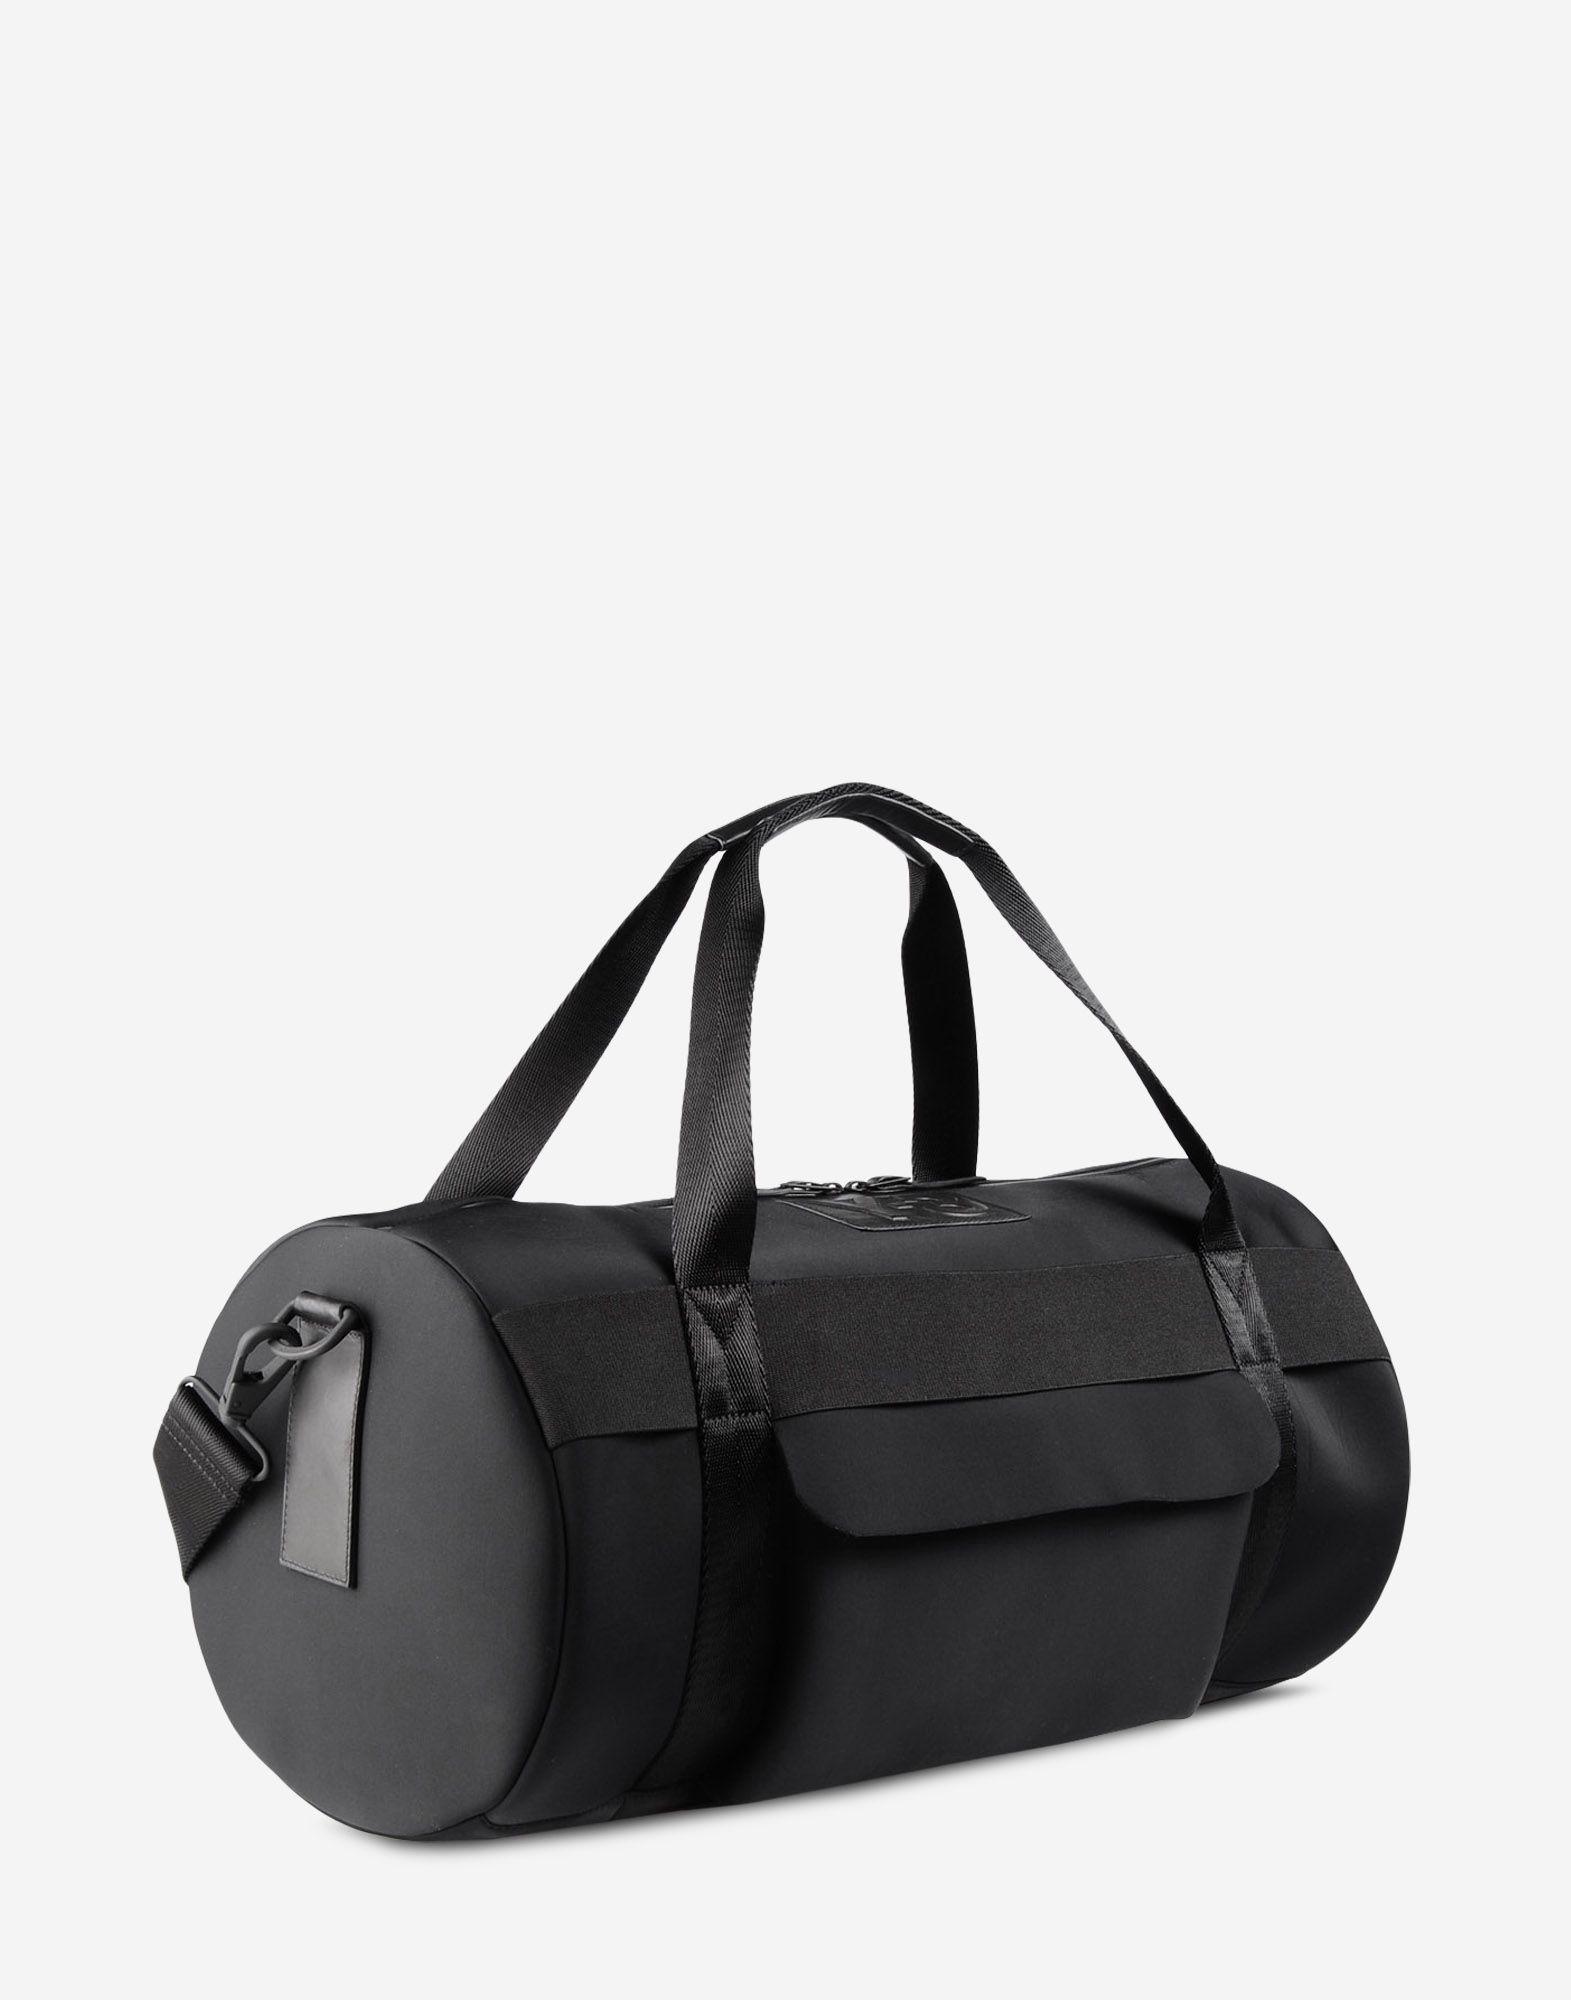 Y-3 DAY GYM BAG BAGS unisex Y-3 adidas